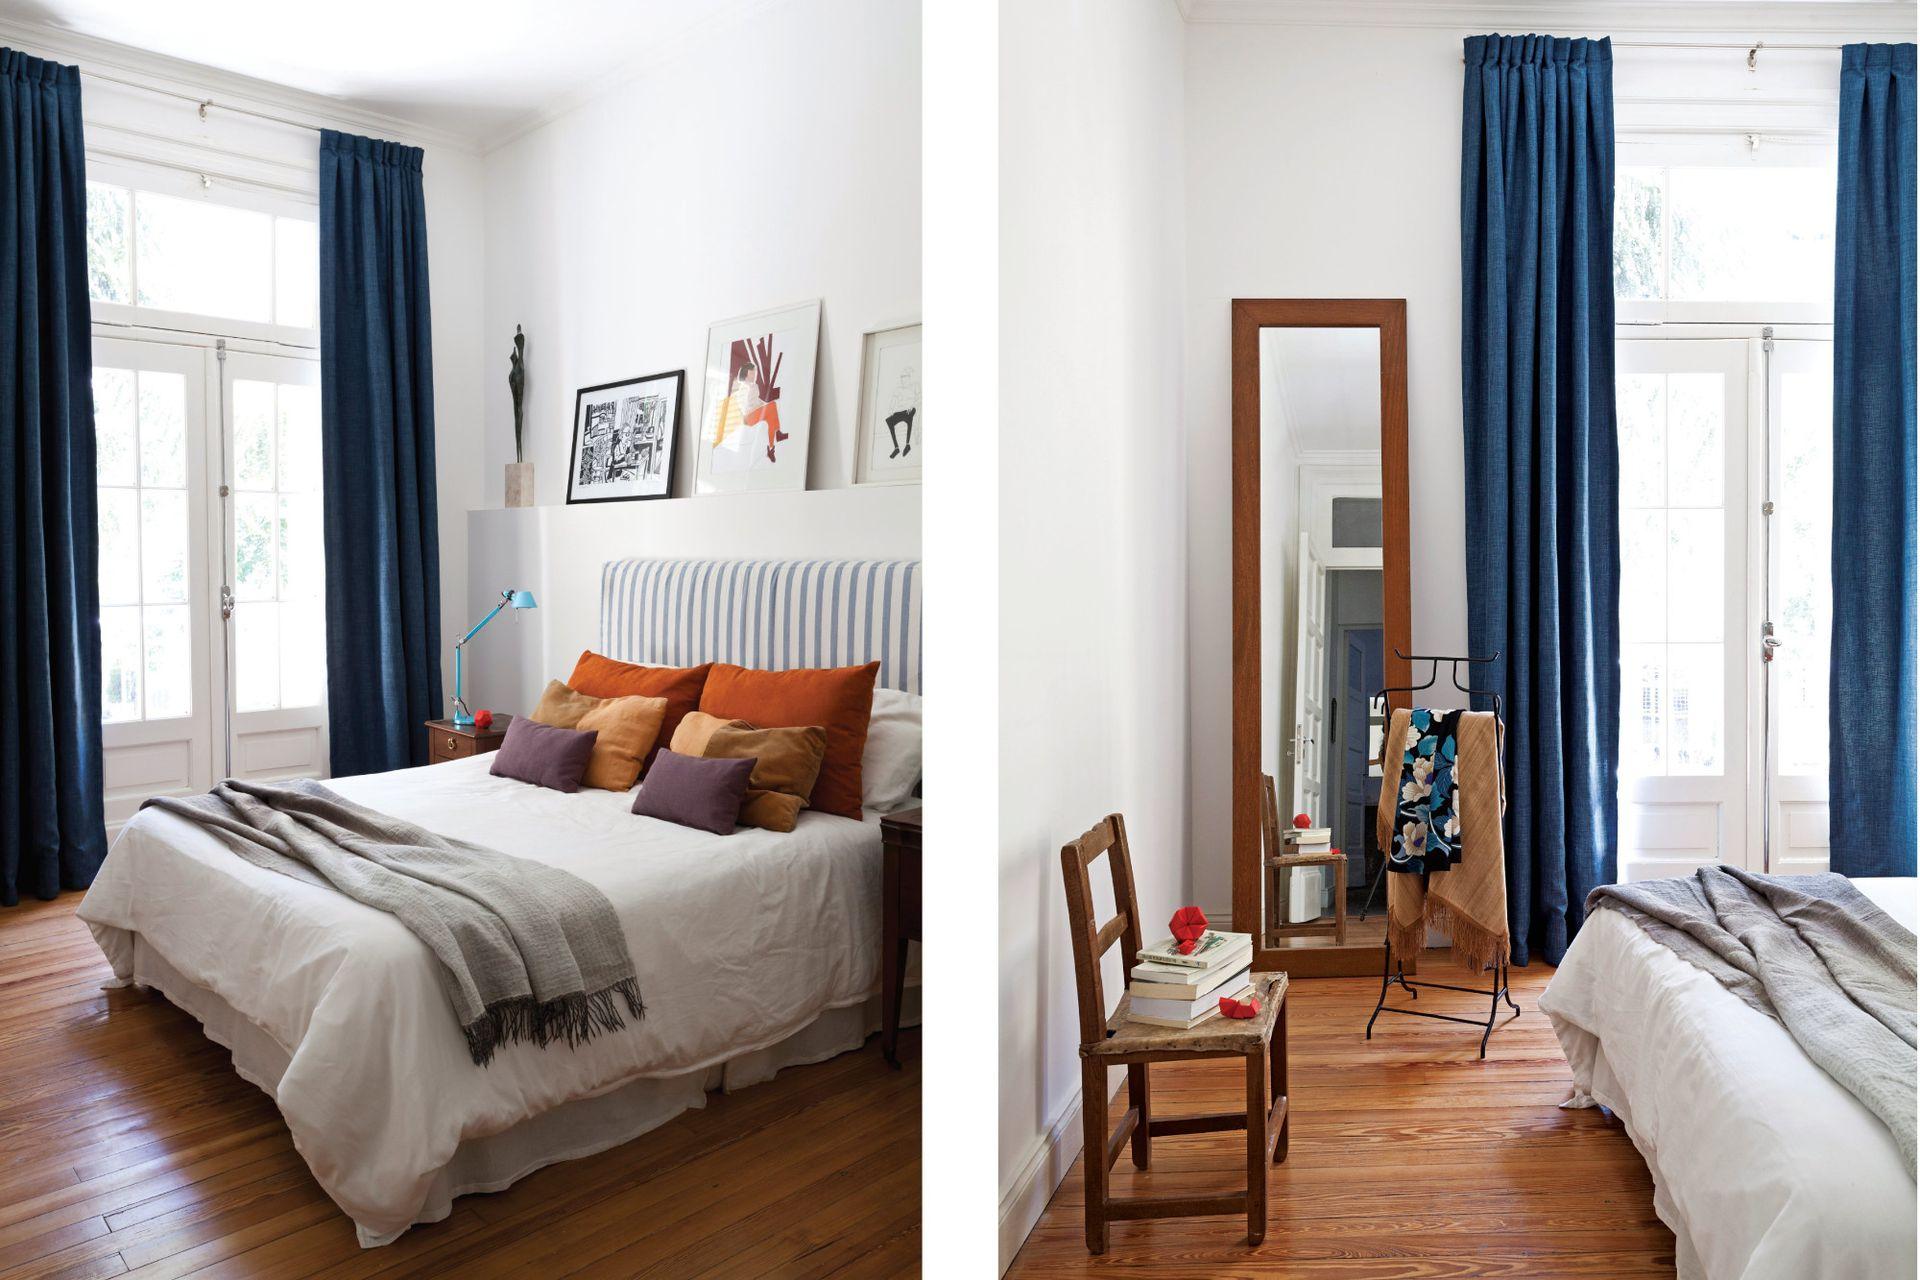 La paleta de colores del dormitorio surgió de una obra de Teresa Magrane, ubicada sobre la cabecera junto a otra de Luisa Freixas. Los tonos de azul varían en las cortinas (Gizadeco), el respaldo (LB) y la lámpara turquesa de la mesita de luz.